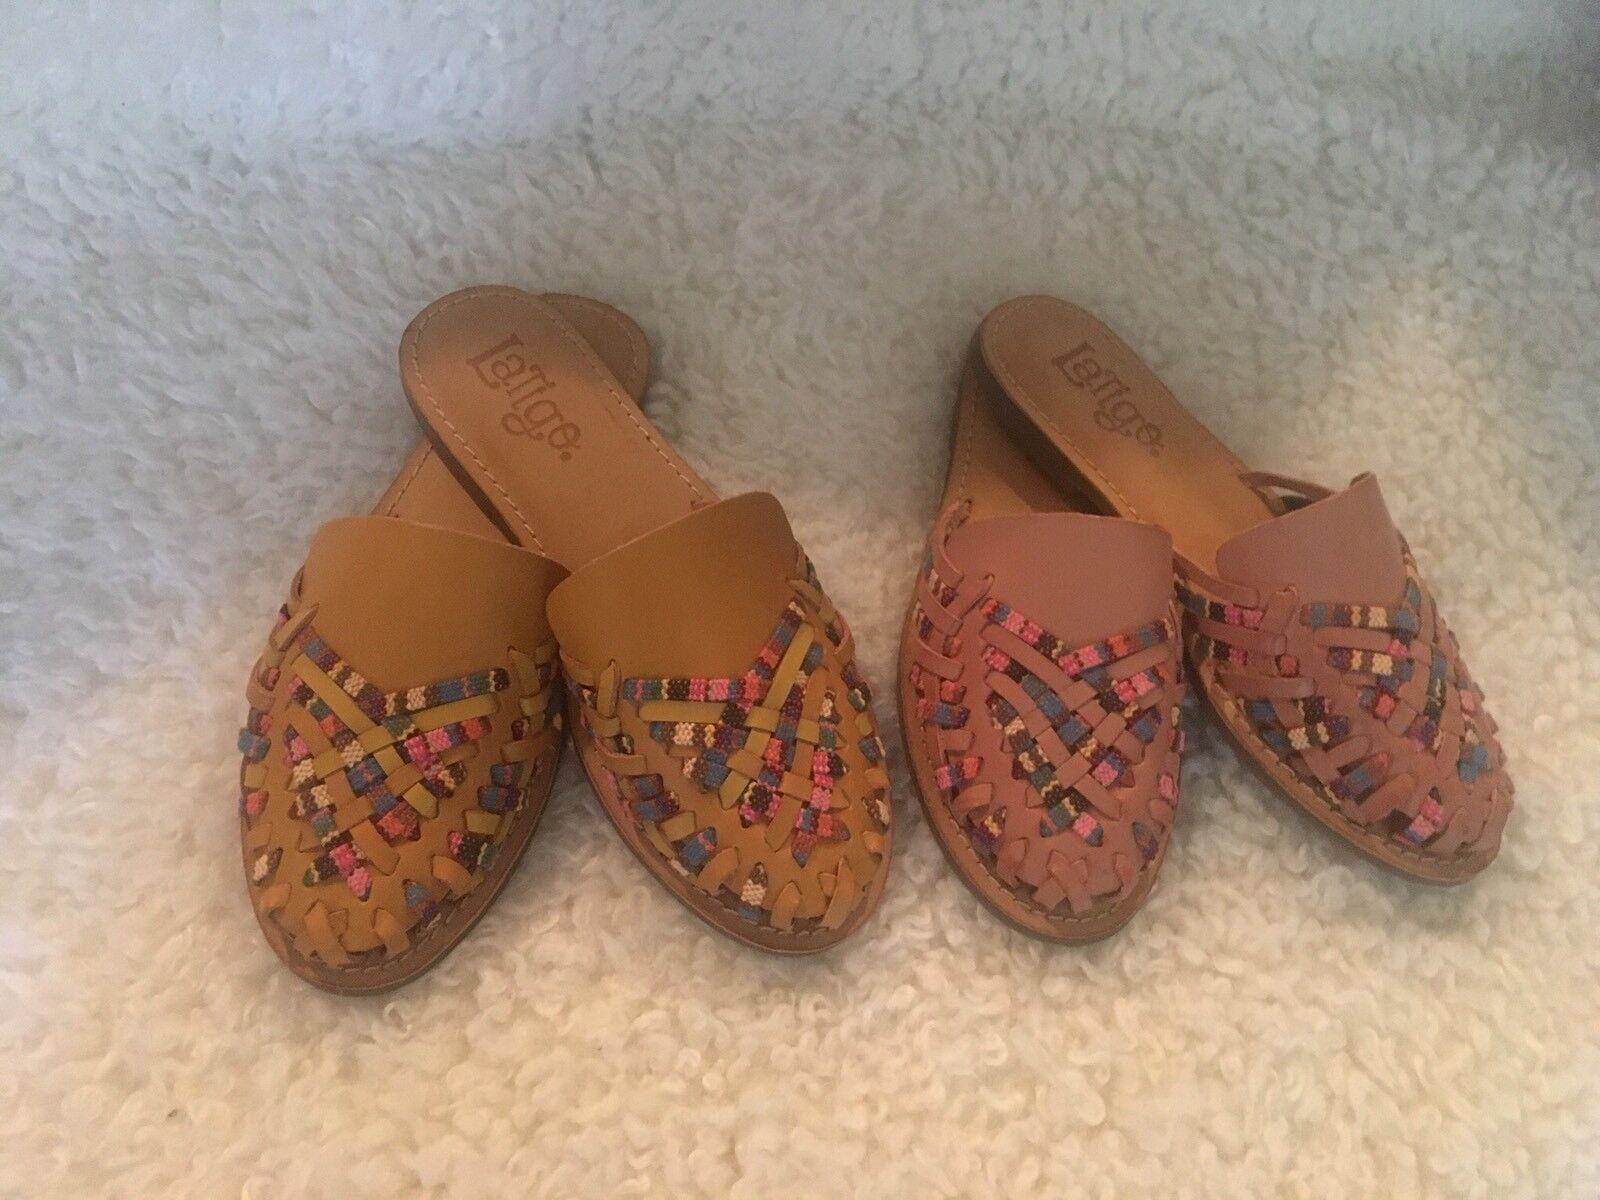 Nuevas Nuevas Nuevas mujeres de cuero tejido Latigo Sundance Resbalón En Sandalias Zapatos natural o Amarillo  el estilo clásico